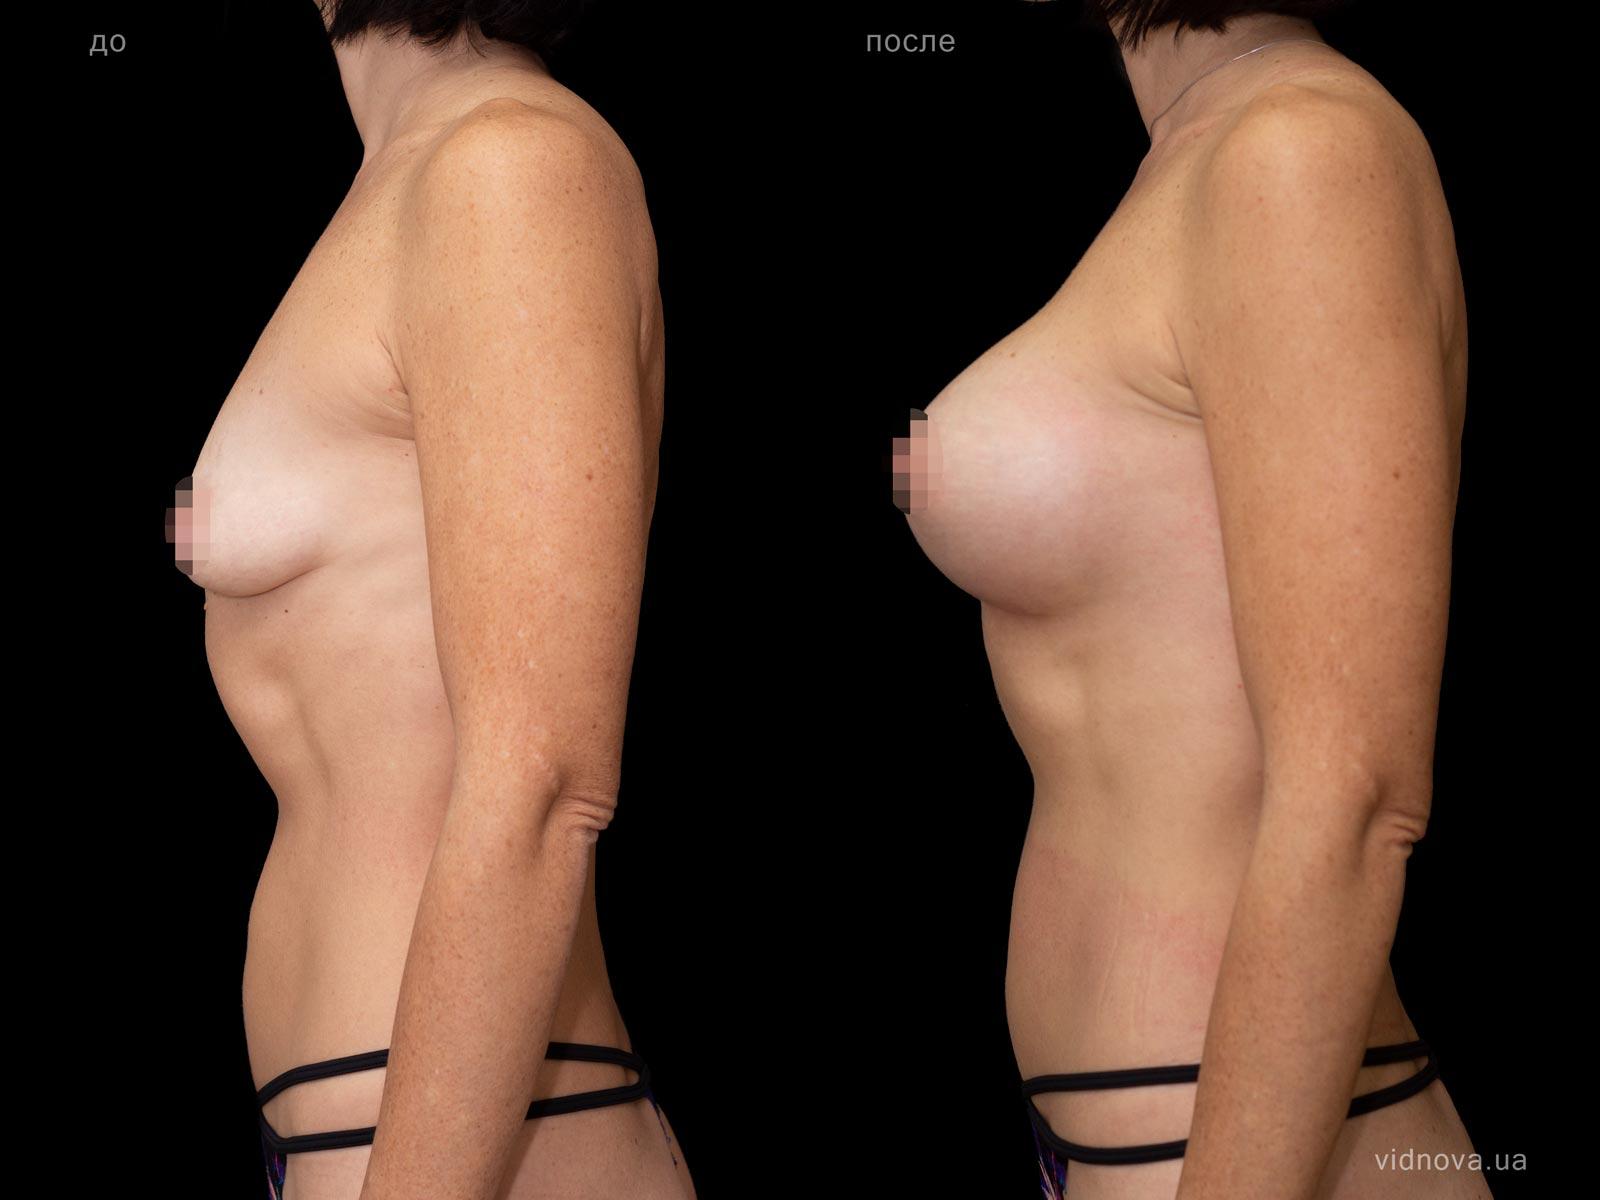 Пластика груди: результаты до и после - Пример №67-2 - Светлана Работенко